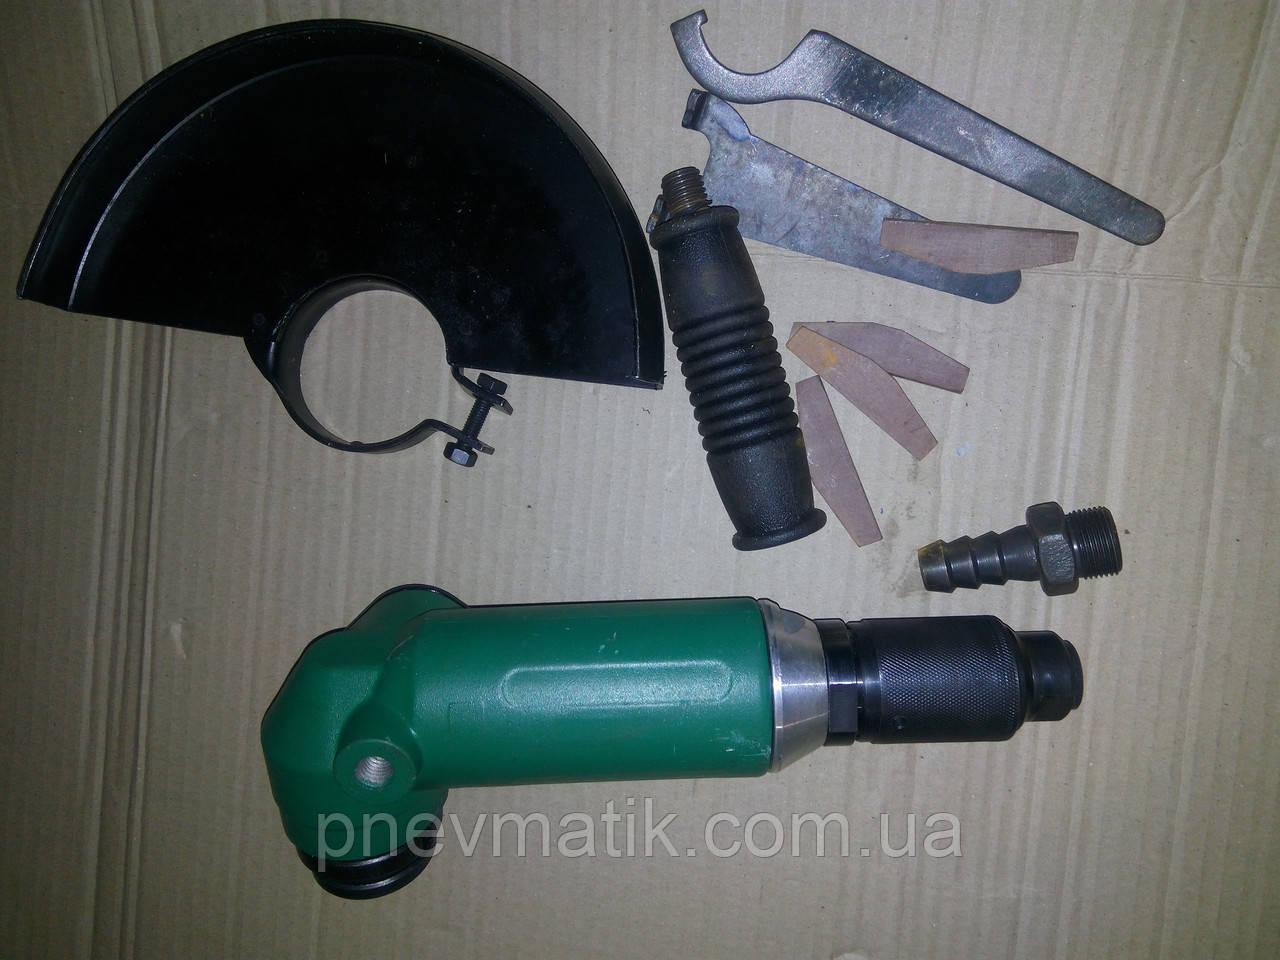 Пневмошлифовальная ручная машина углового типа ПШМ-180у